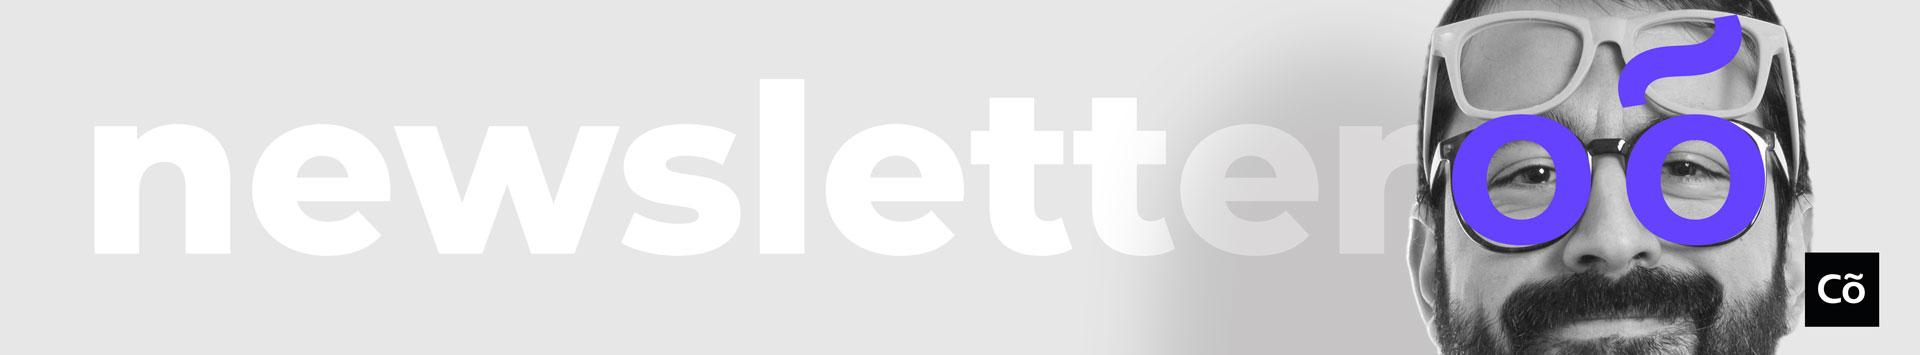 Branding hotelu - czyli dlaczego warto zadbać o profesjonalną komunikację wizualną marki newsletter cobance 2